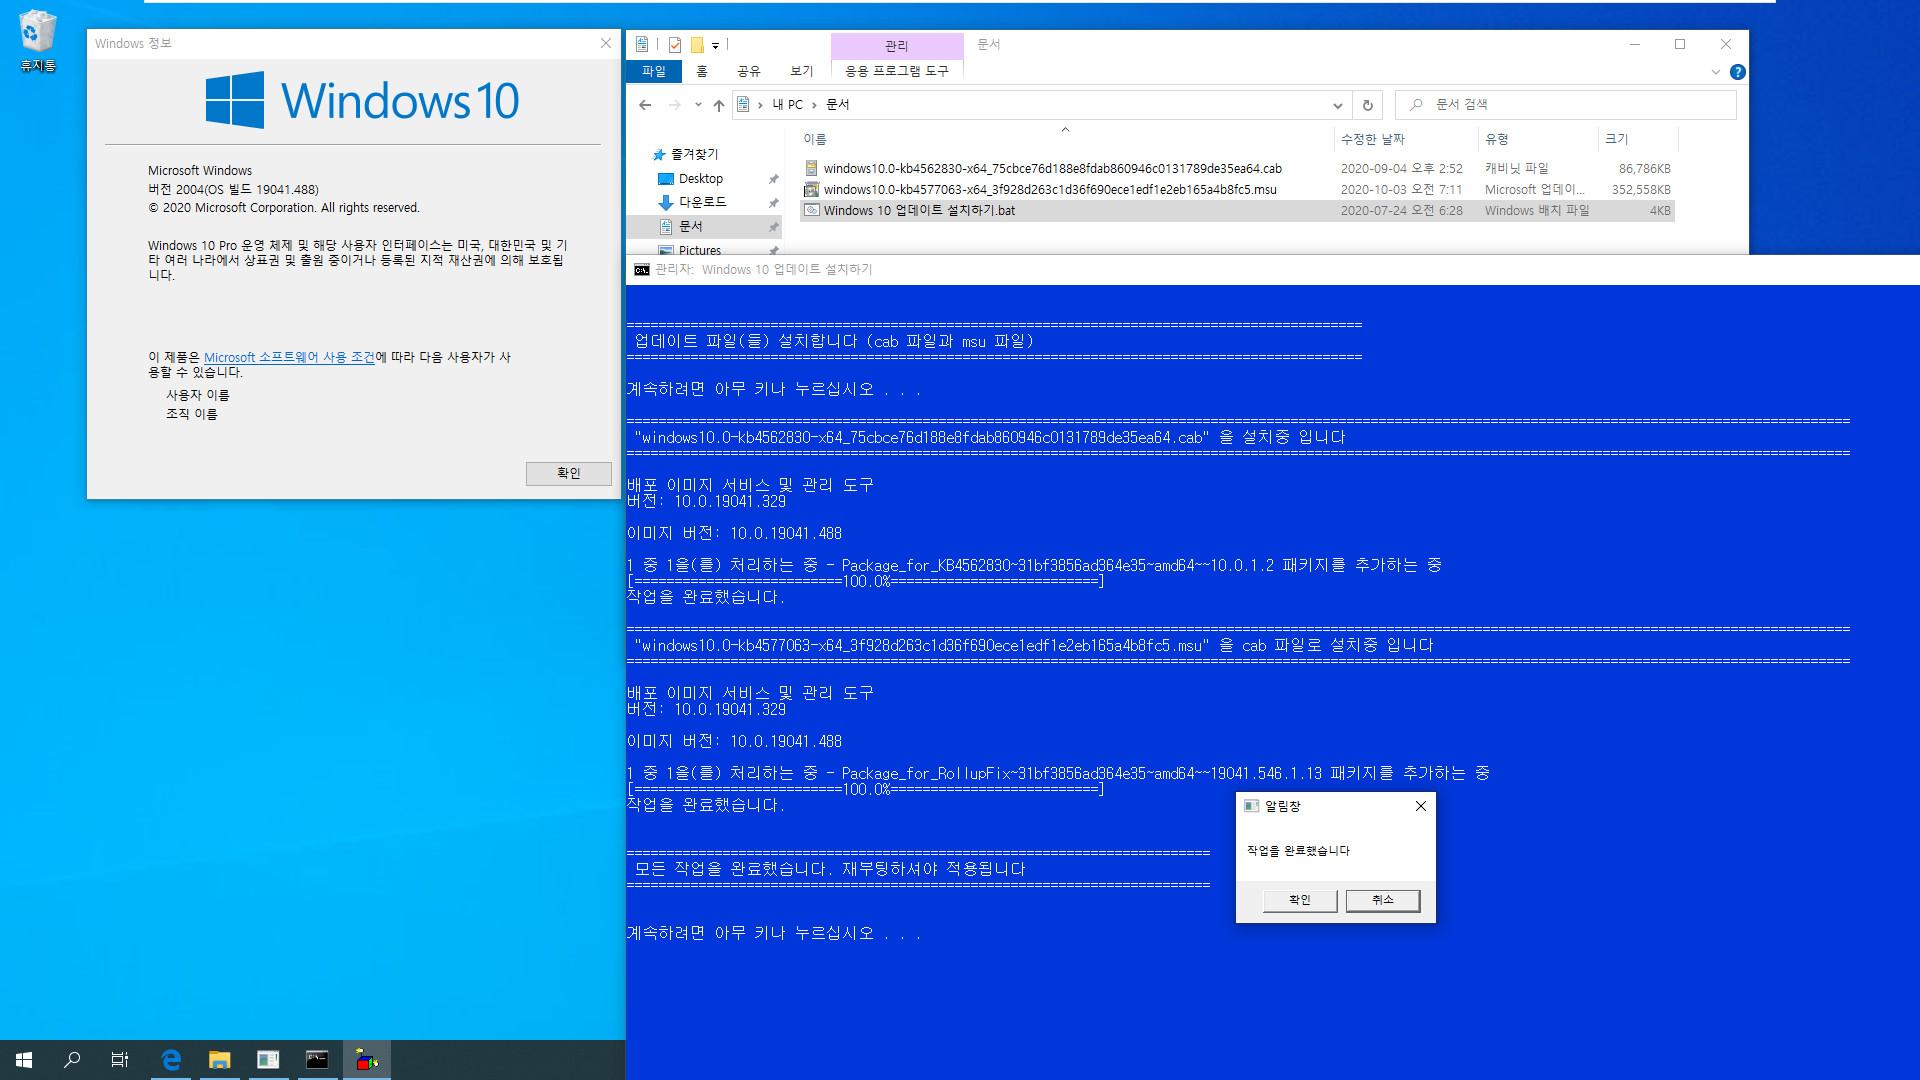 버전 2004 (20H1)에서 버전 2009 (20H2) 업그레이드하기 2020-10-06_084306.jpg